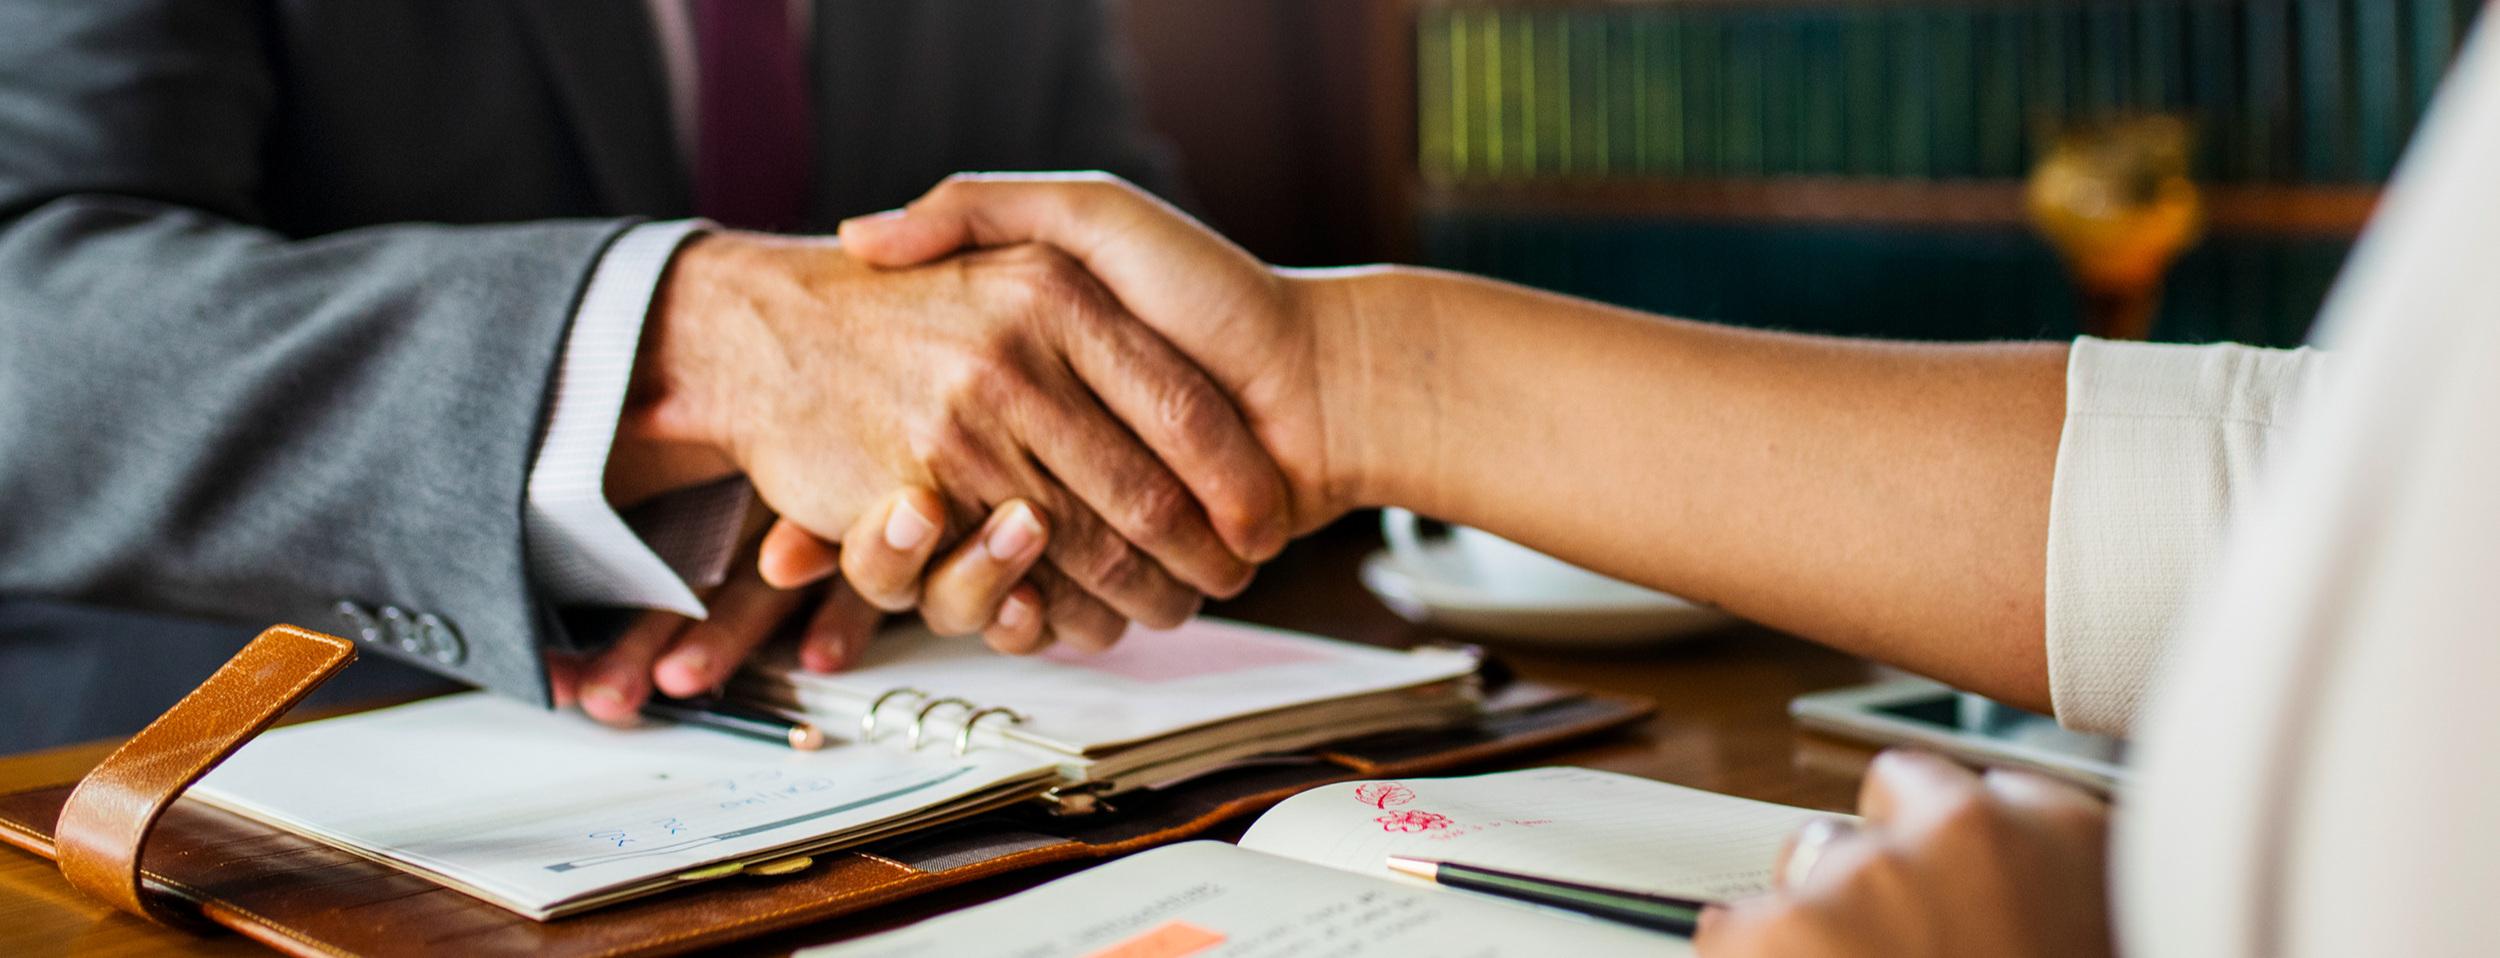 hands shaking over desk